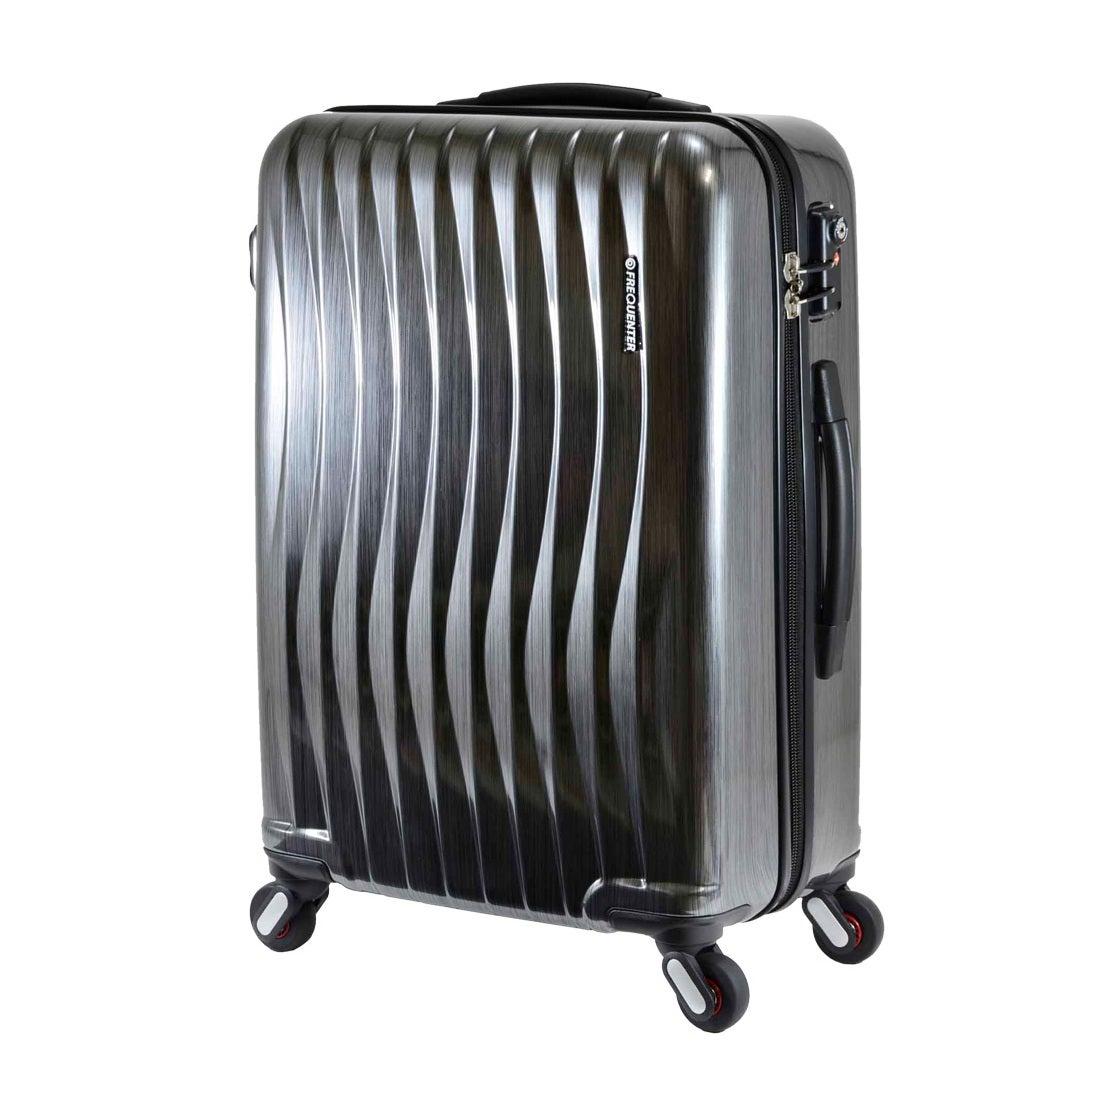 【SAC'S BAR】FREQUENTER フリクエンター WAVE スーツケース 1-621-58 58cm ヘアラインブラック メンズ